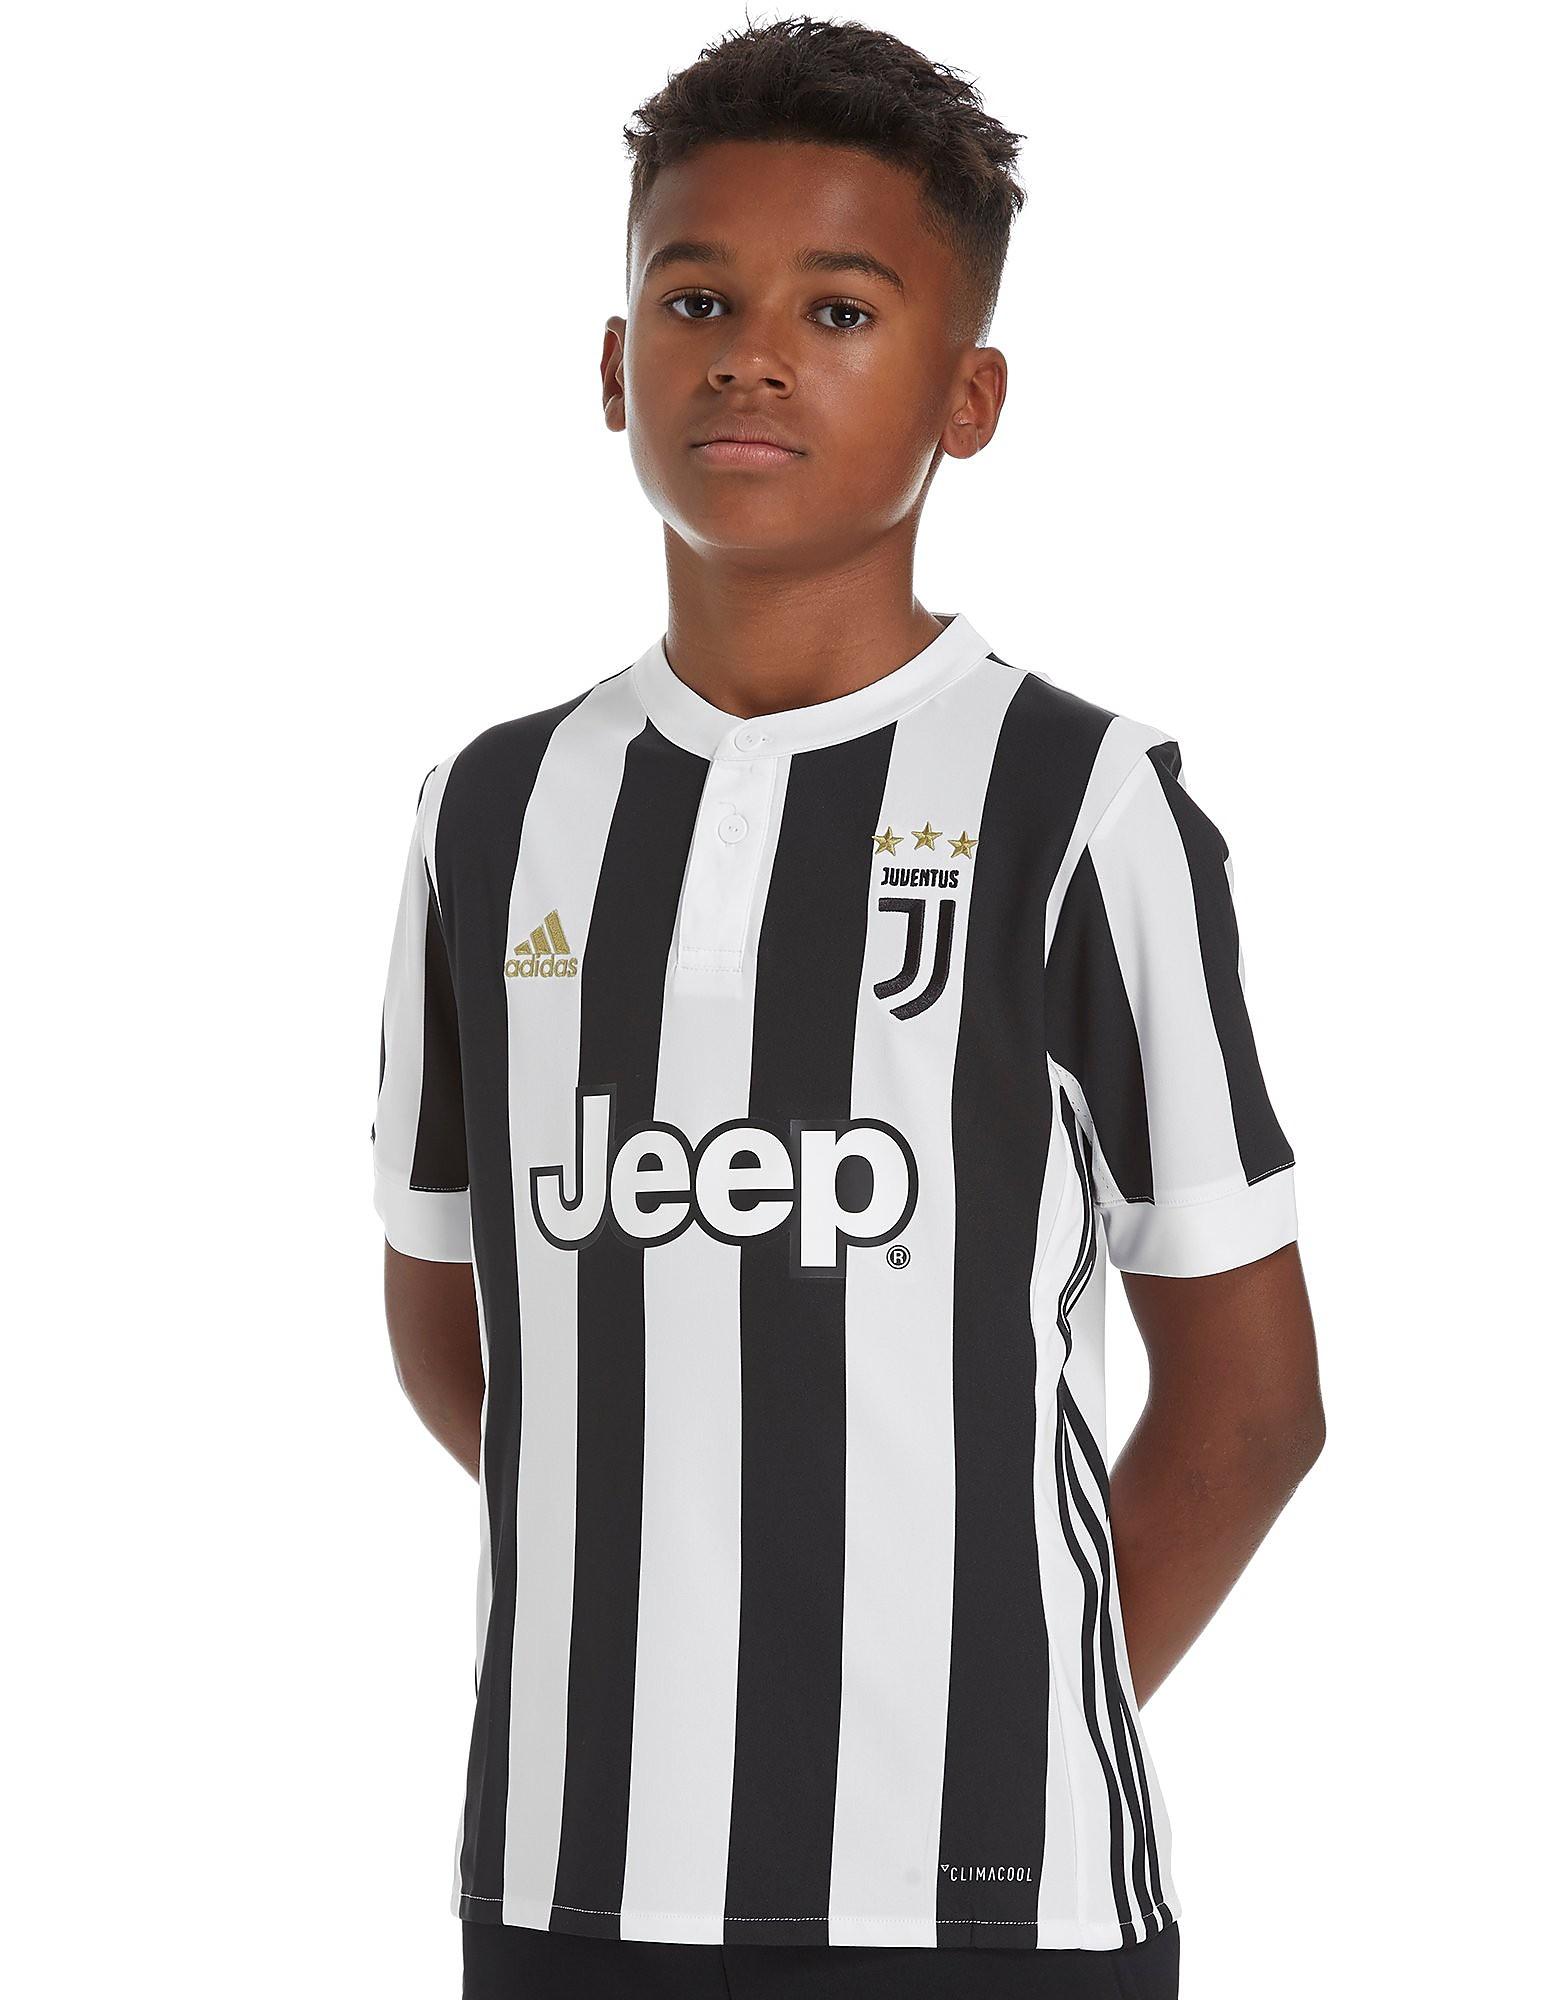 adidas Juventus 2017/18 Maglia Home Junior